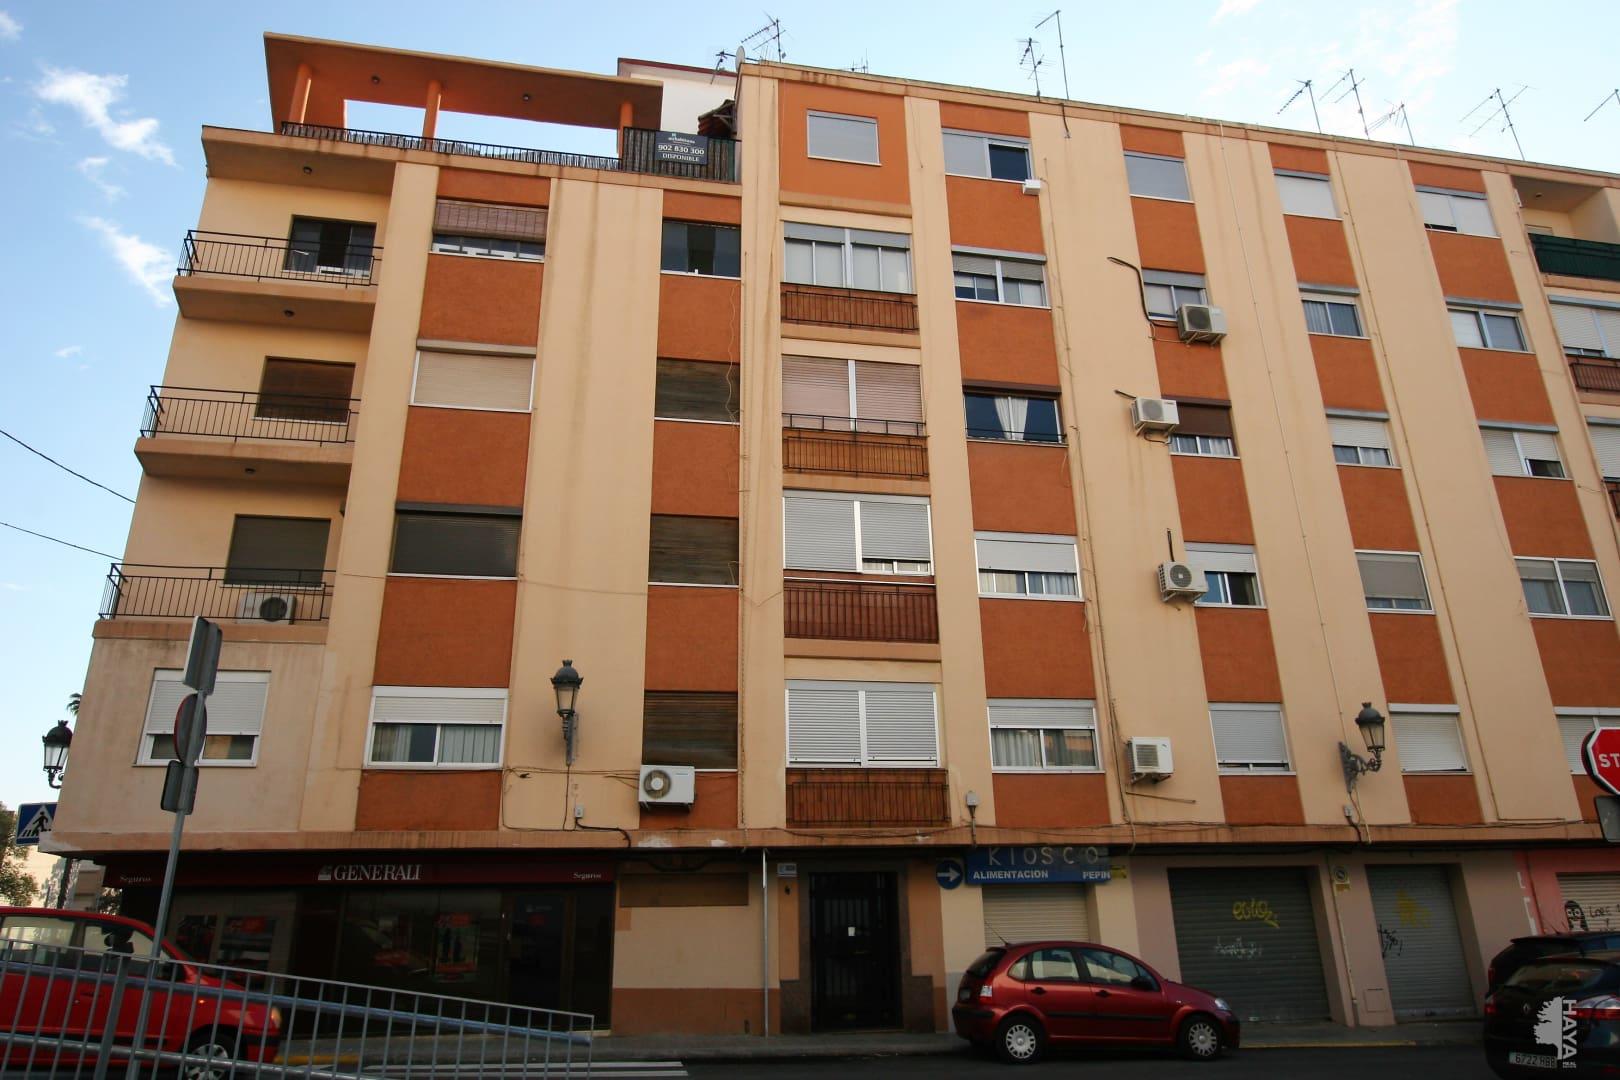 Piso en venta en Terramelar, Paterna, Valencia, Plaza la Replaceta, 84.200 €, 2 habitaciones, 1 baño, 84 m2